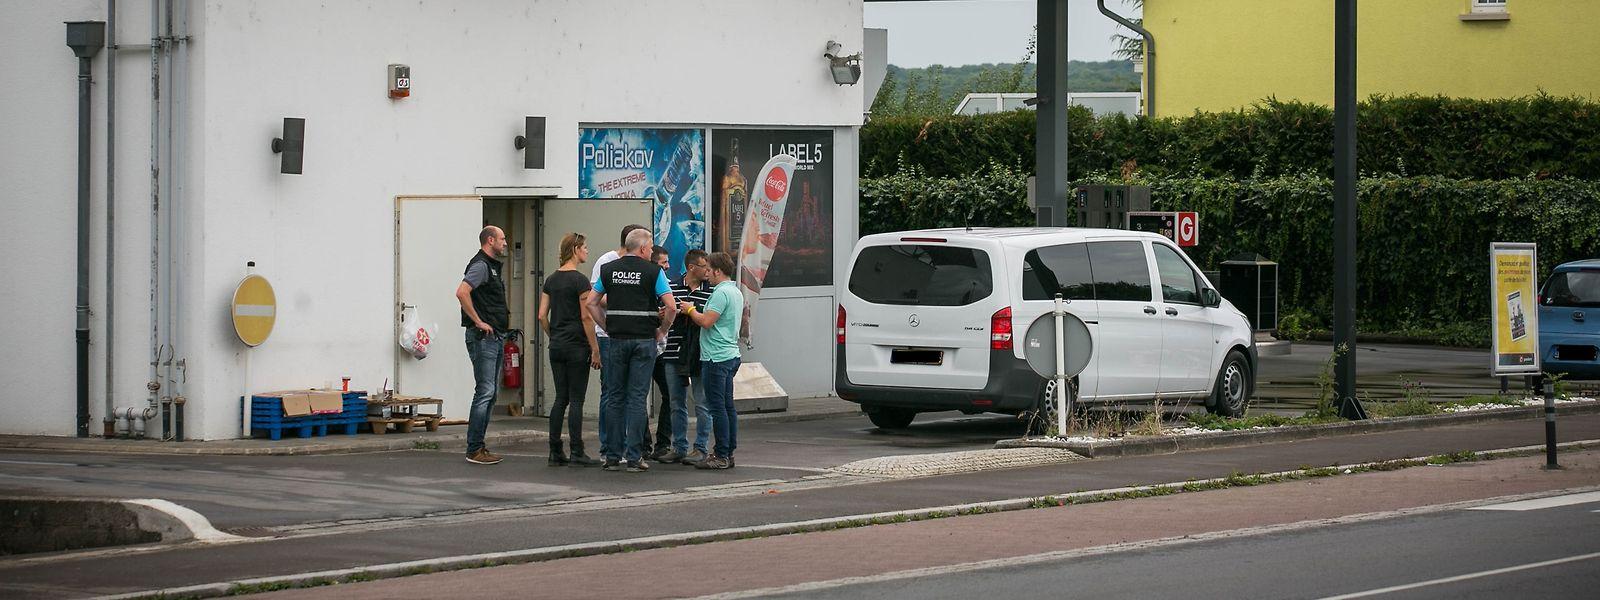 Am Morgen des 15. August 2017 wurde die Tankstelle in Frisingen von zwei Tätern überfallen. Ein Dritter wartete auf dem nahe liegenden Park&Ride-Parkplatz im Fluchtwagen.